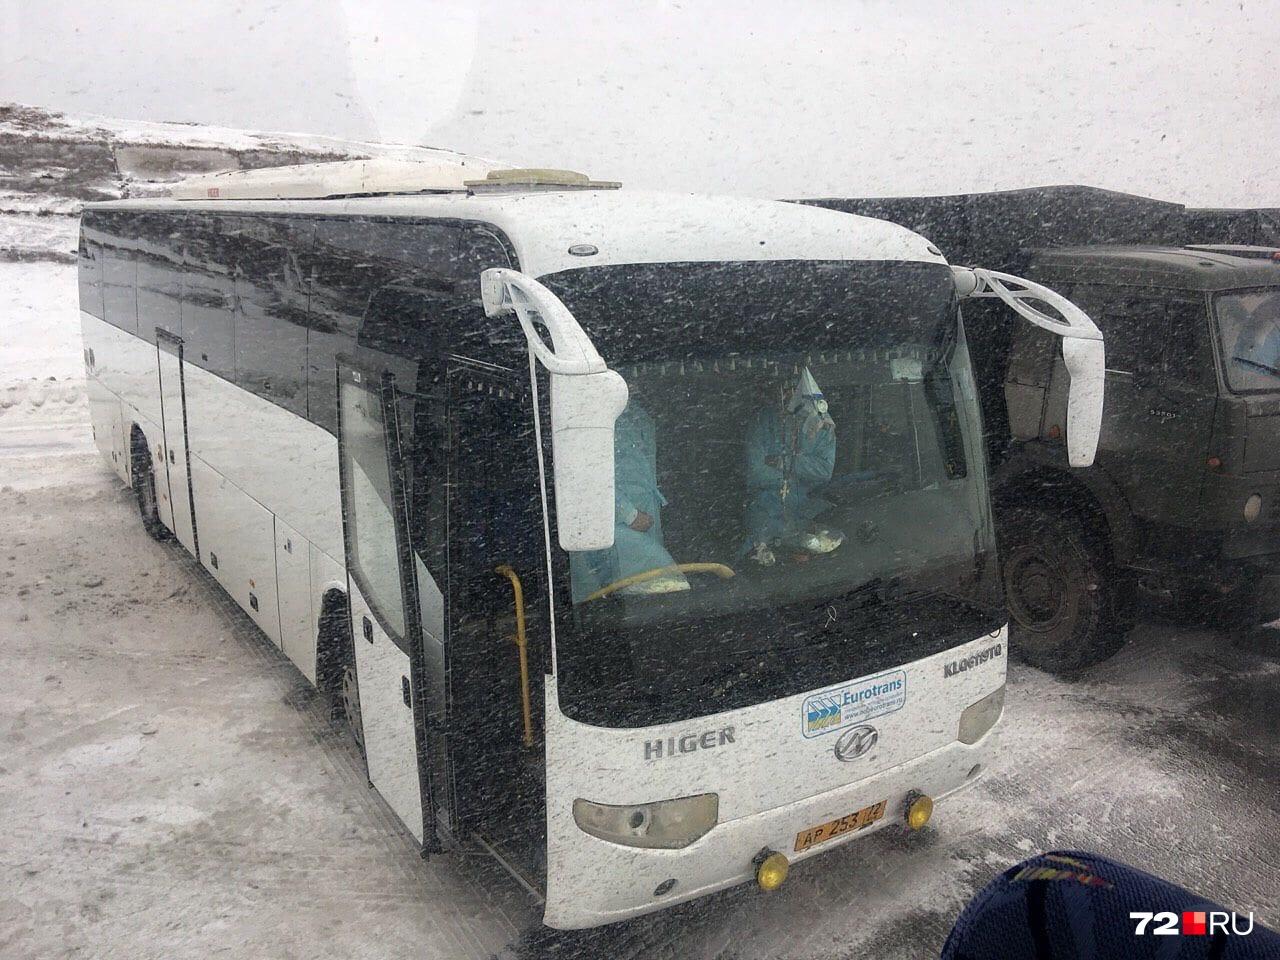 Два автобуса, специально подготовленных для пассажиров из Китая, ожидали их у взлётной полосы. Все встречающие специалисты — строго в спецзащите и масках